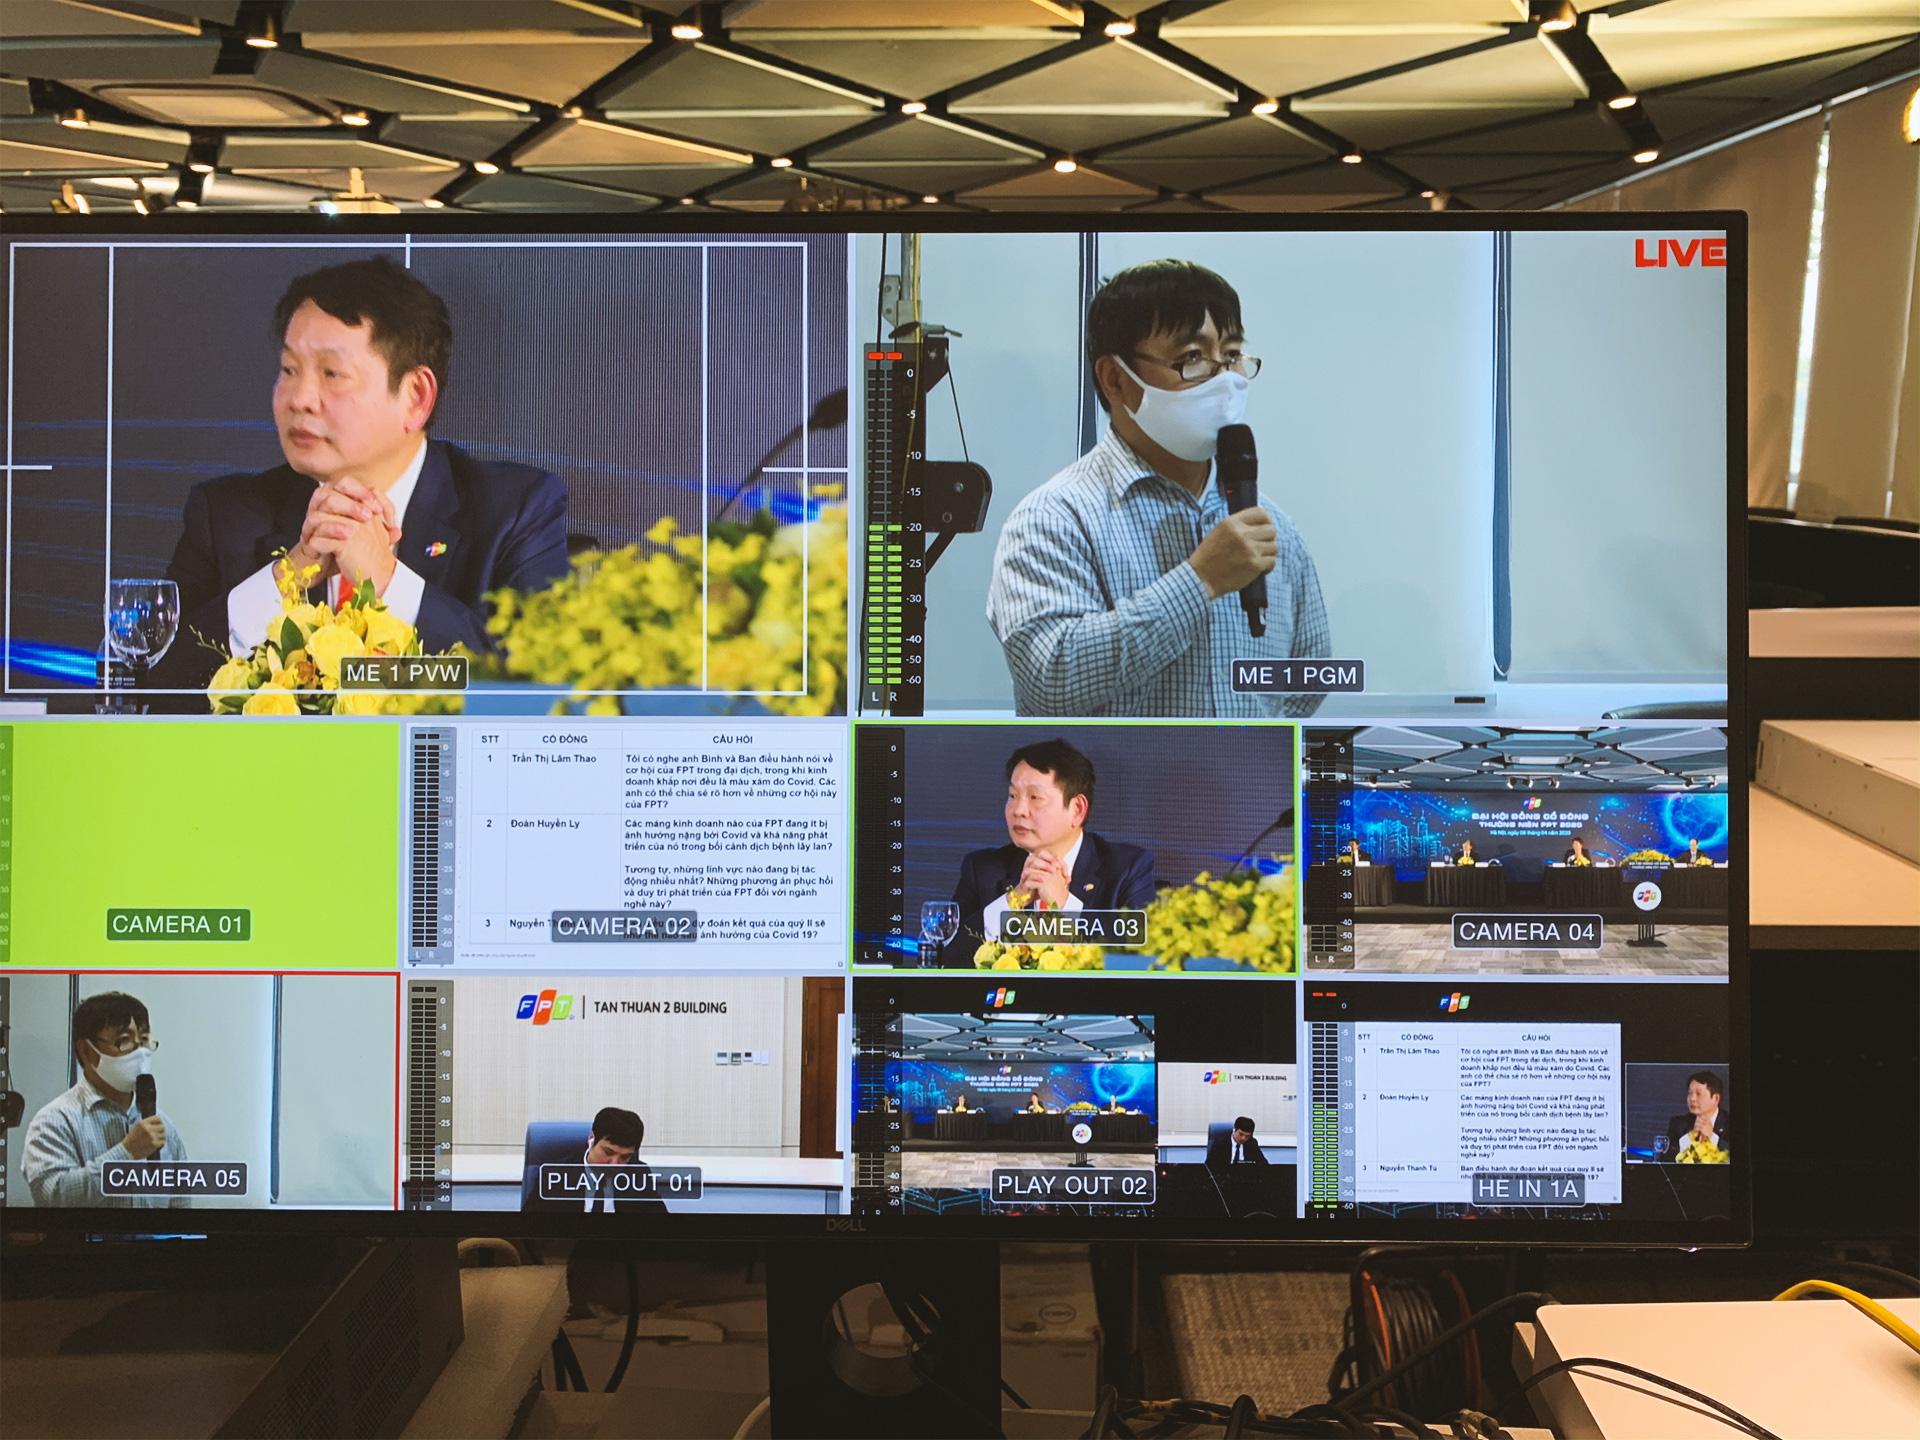 Chủ tịch FPT: 'Thế giới sẽ không bao giờ trở lại như trước' - VnExpress Kinh doanh - VnExpress - Ảnh 7.